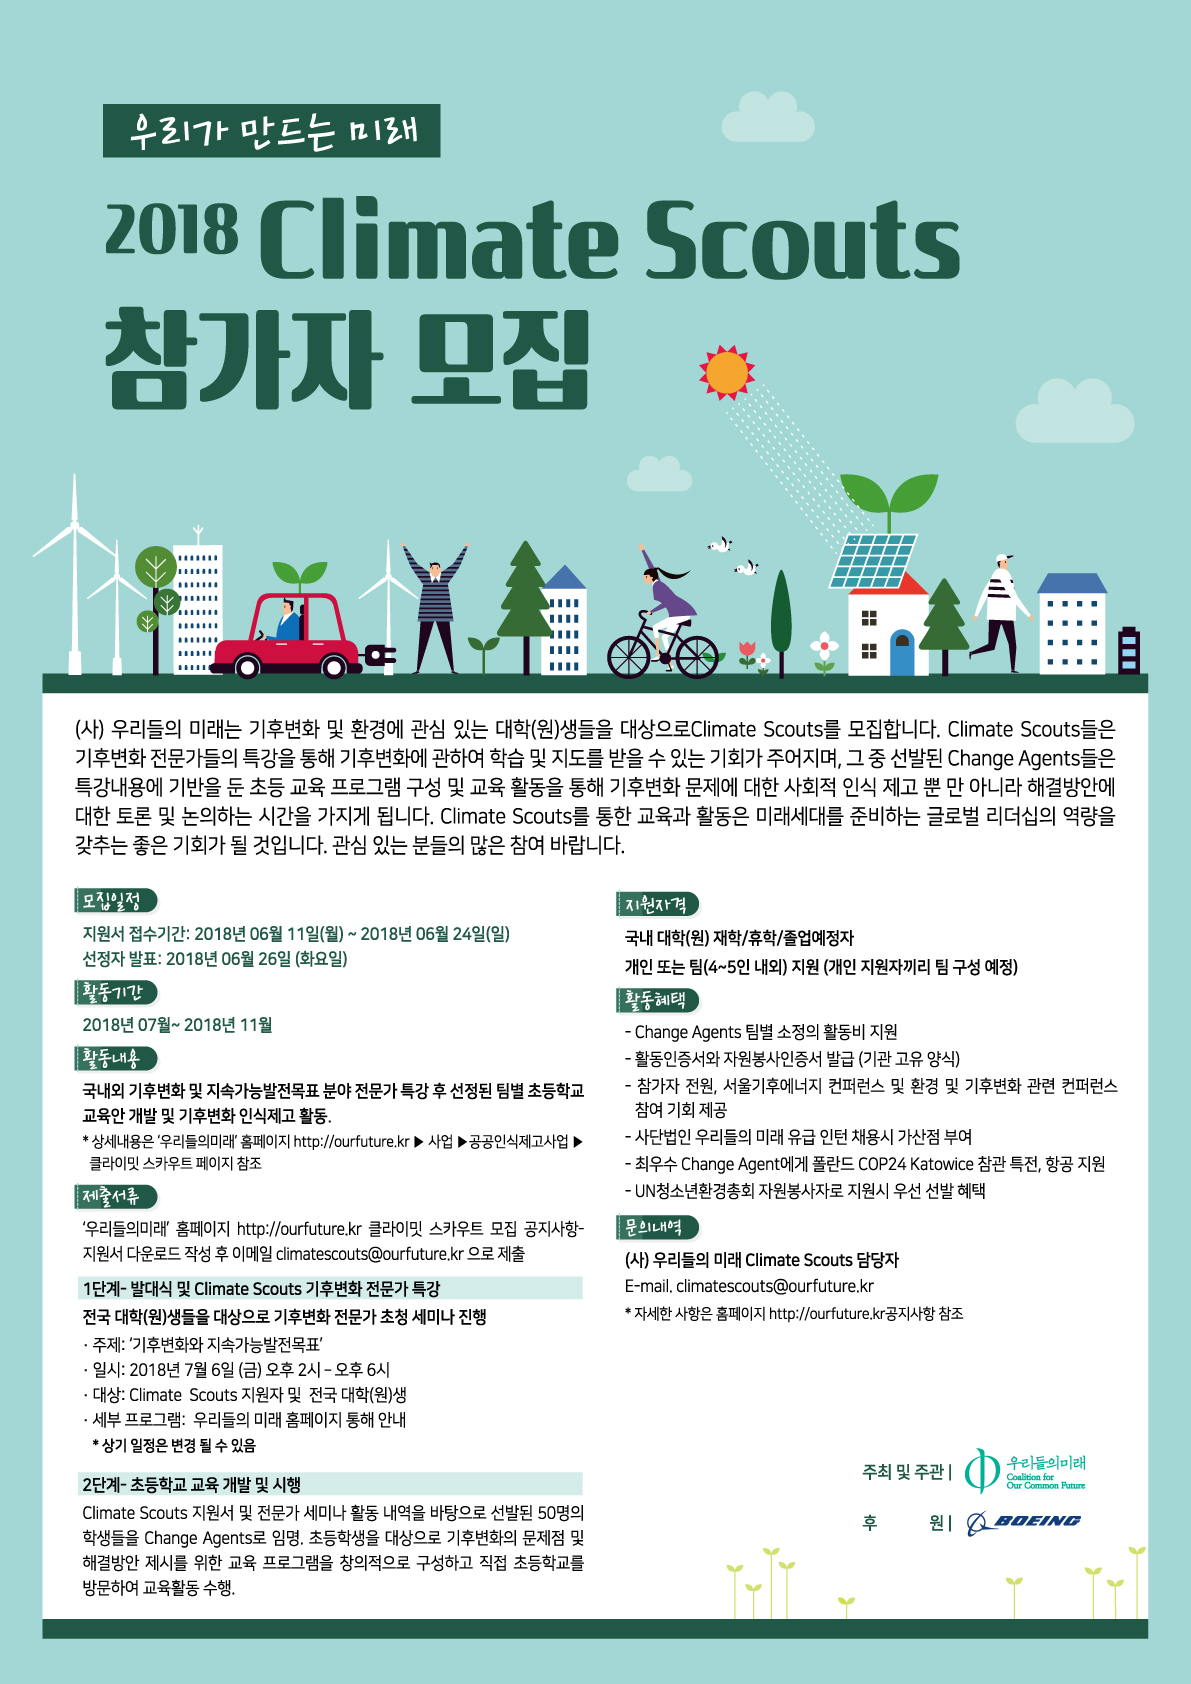 [(사)우리들의미래] 2018 Climate Scouts 참가자 모집